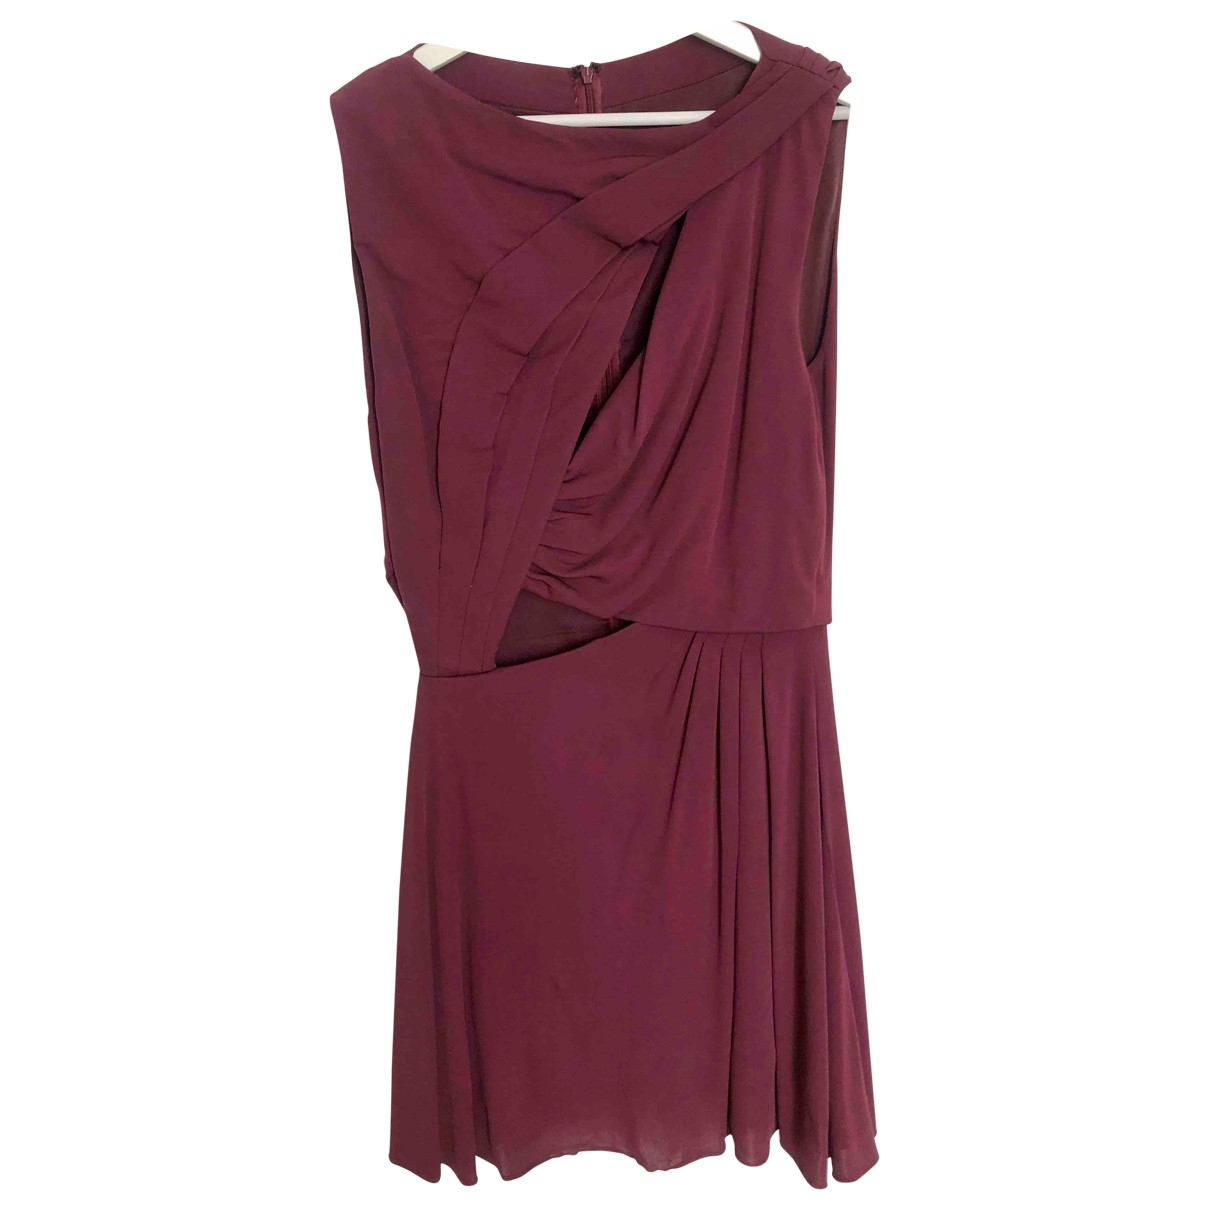 Halston \N Kleid in  Bordeauxrot Seide